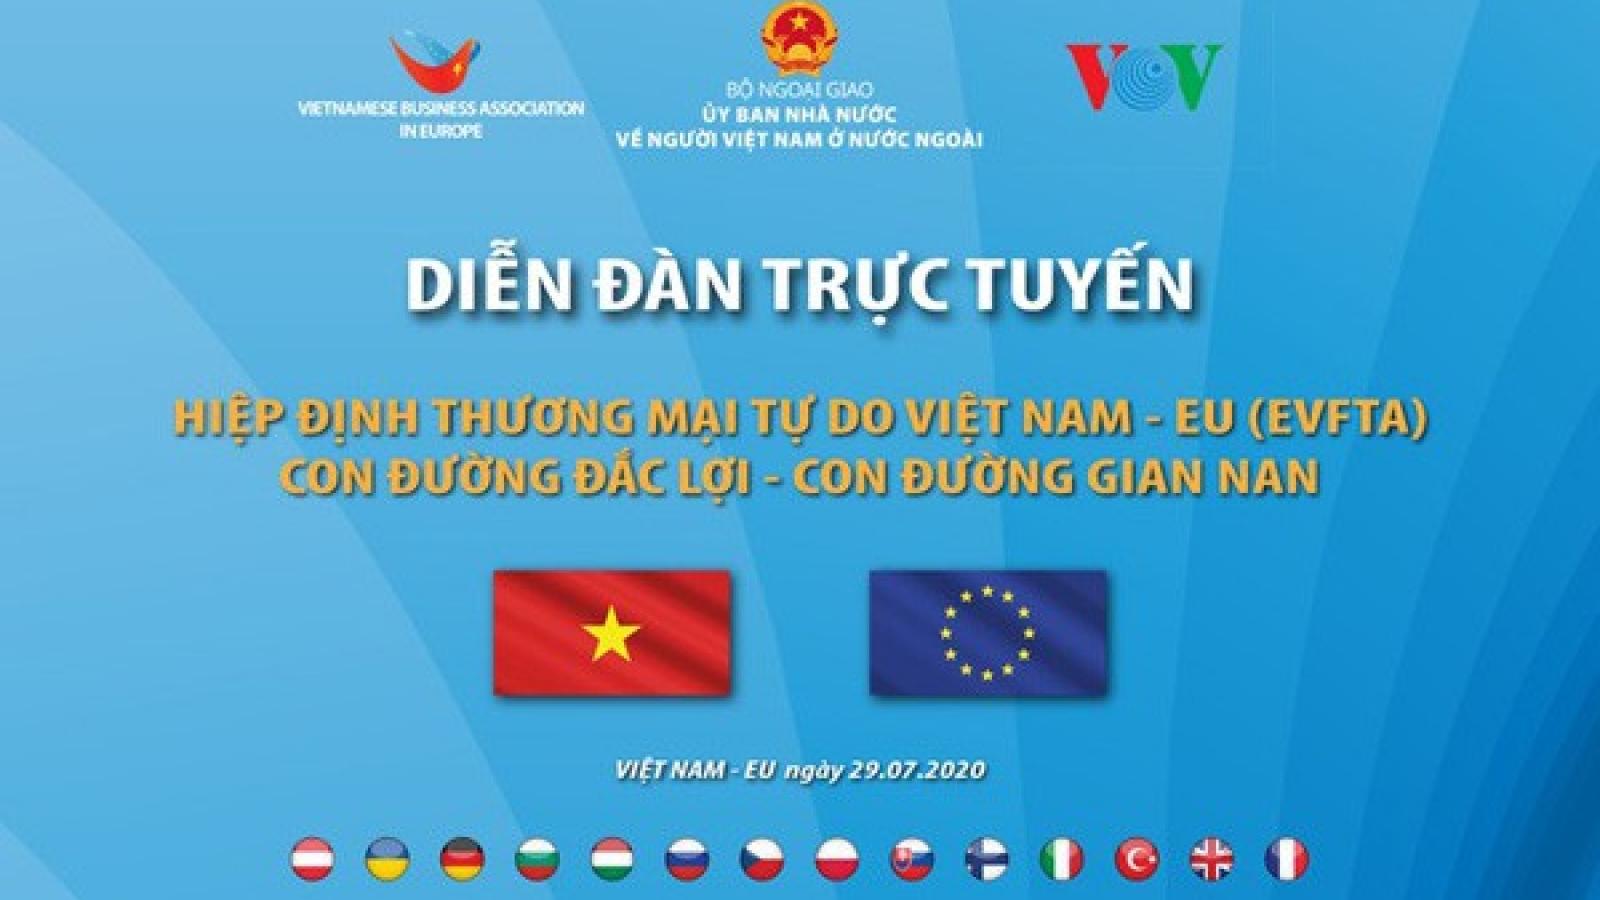 """VOV đồng tổ chức Diễn đàn trực tuyến """"EVFTA: Con đường đắc lợi, con đường gian nan"""""""